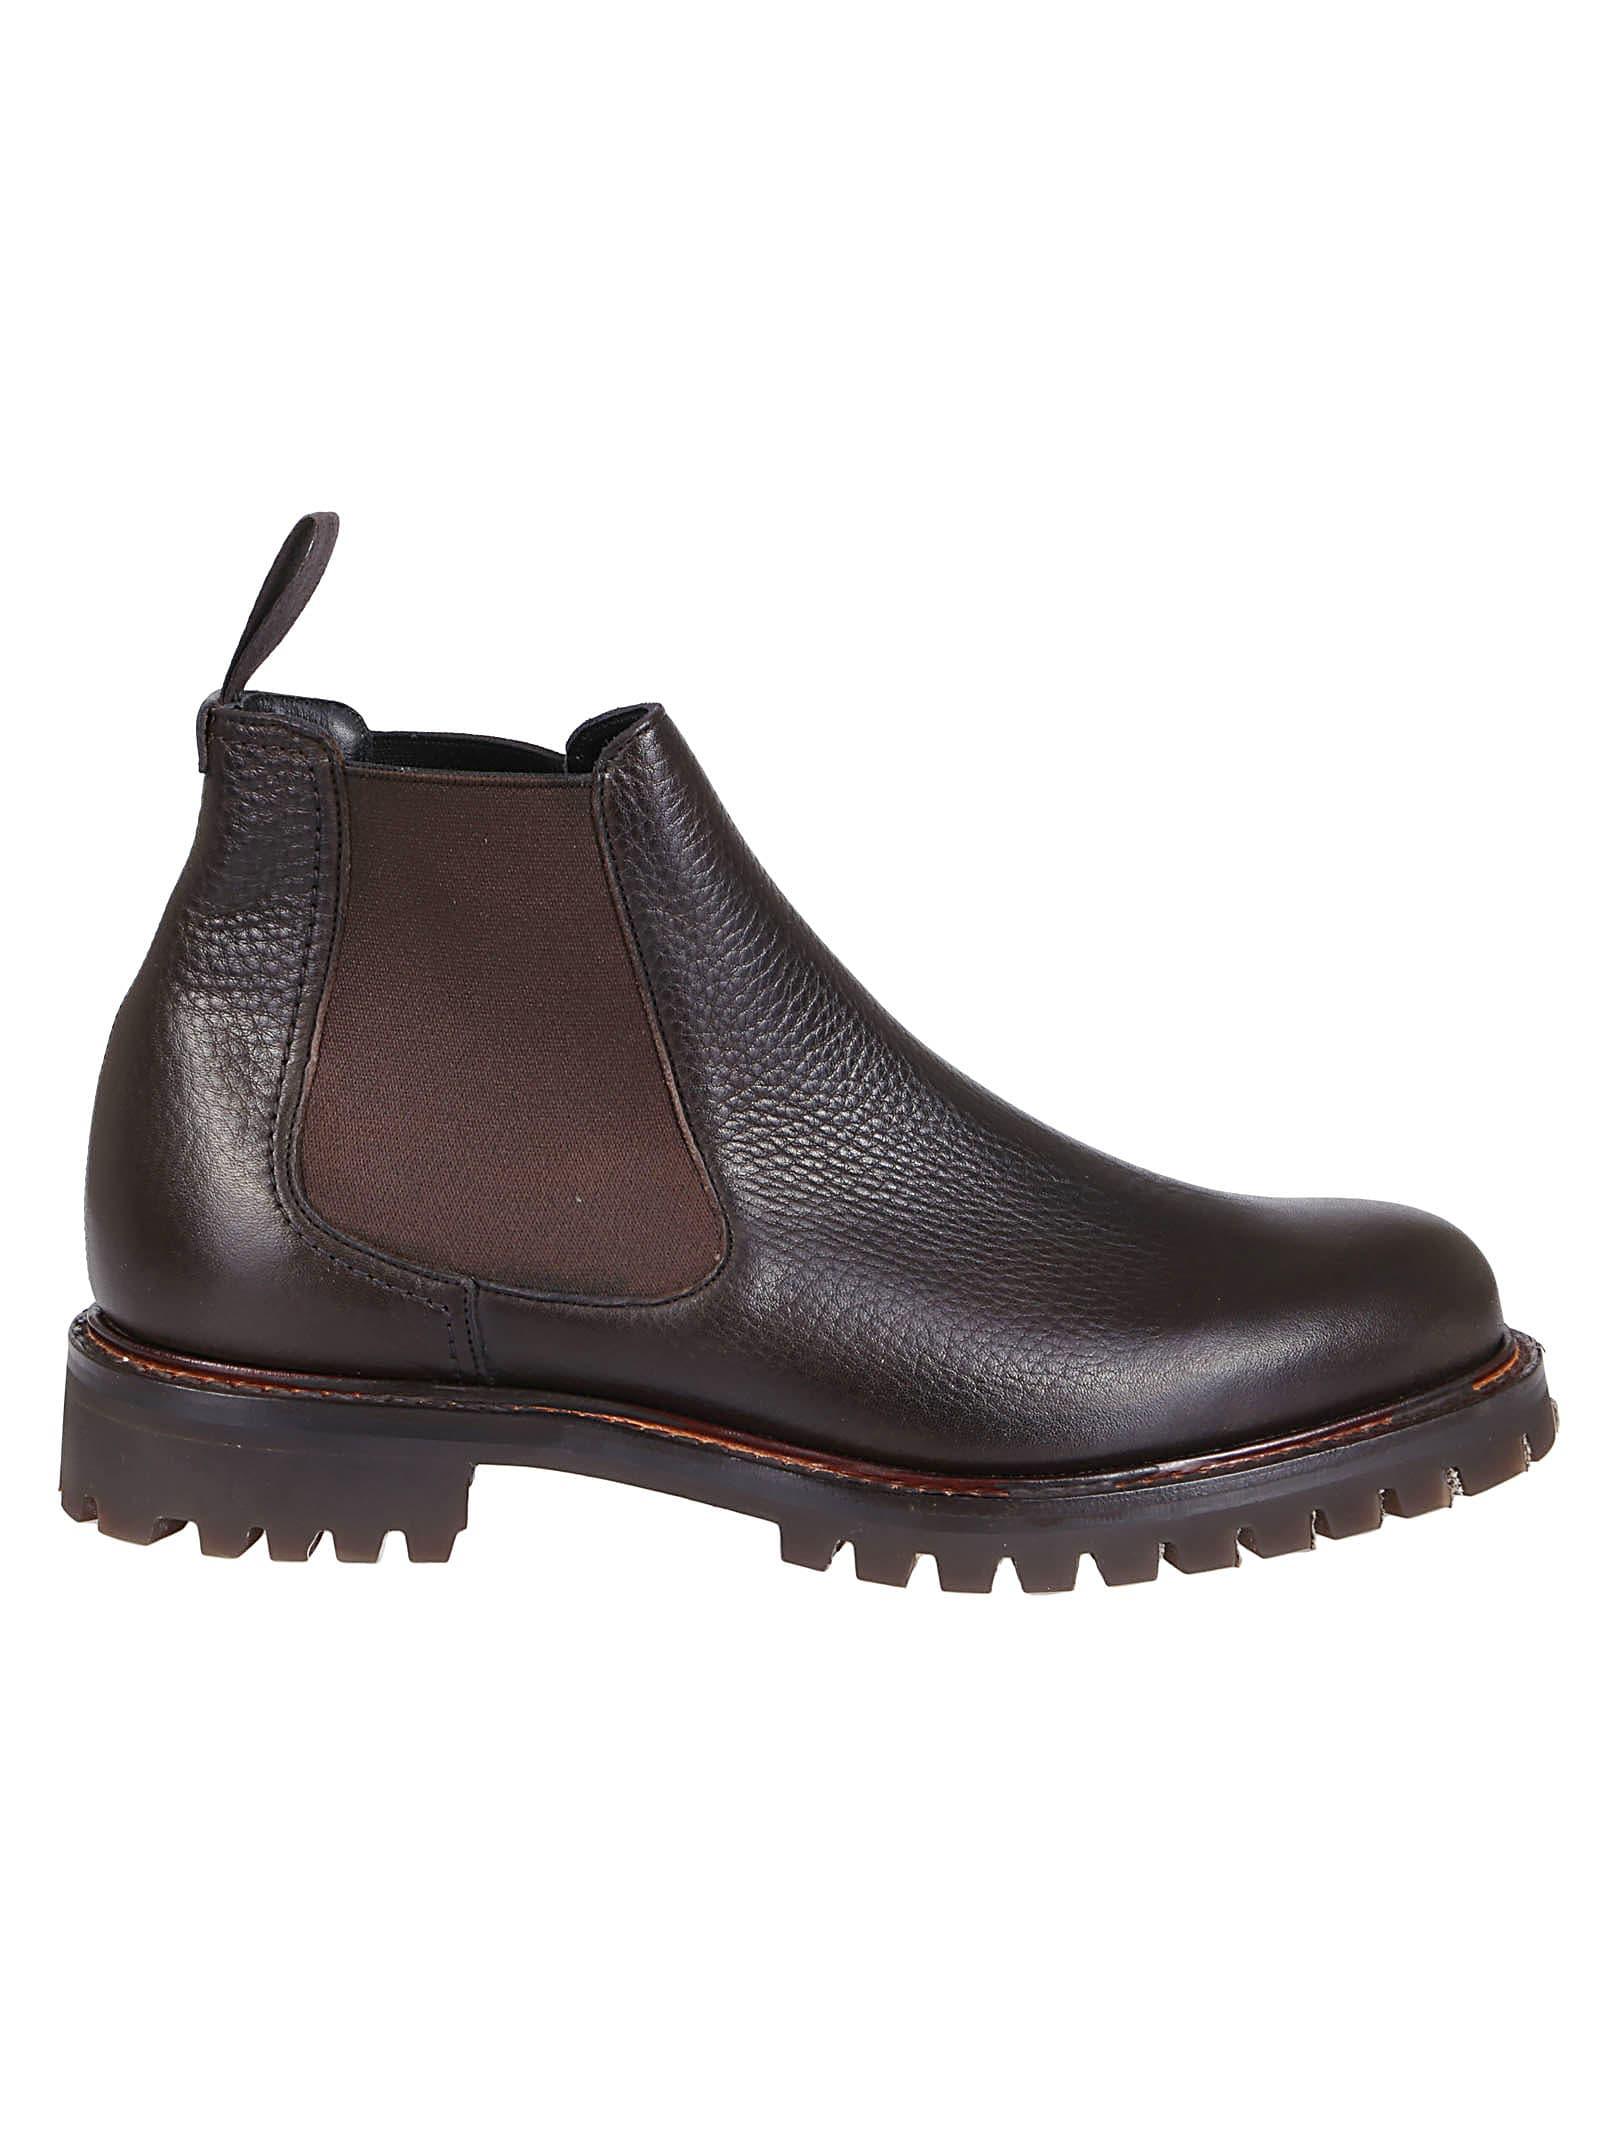 Churchs Boots